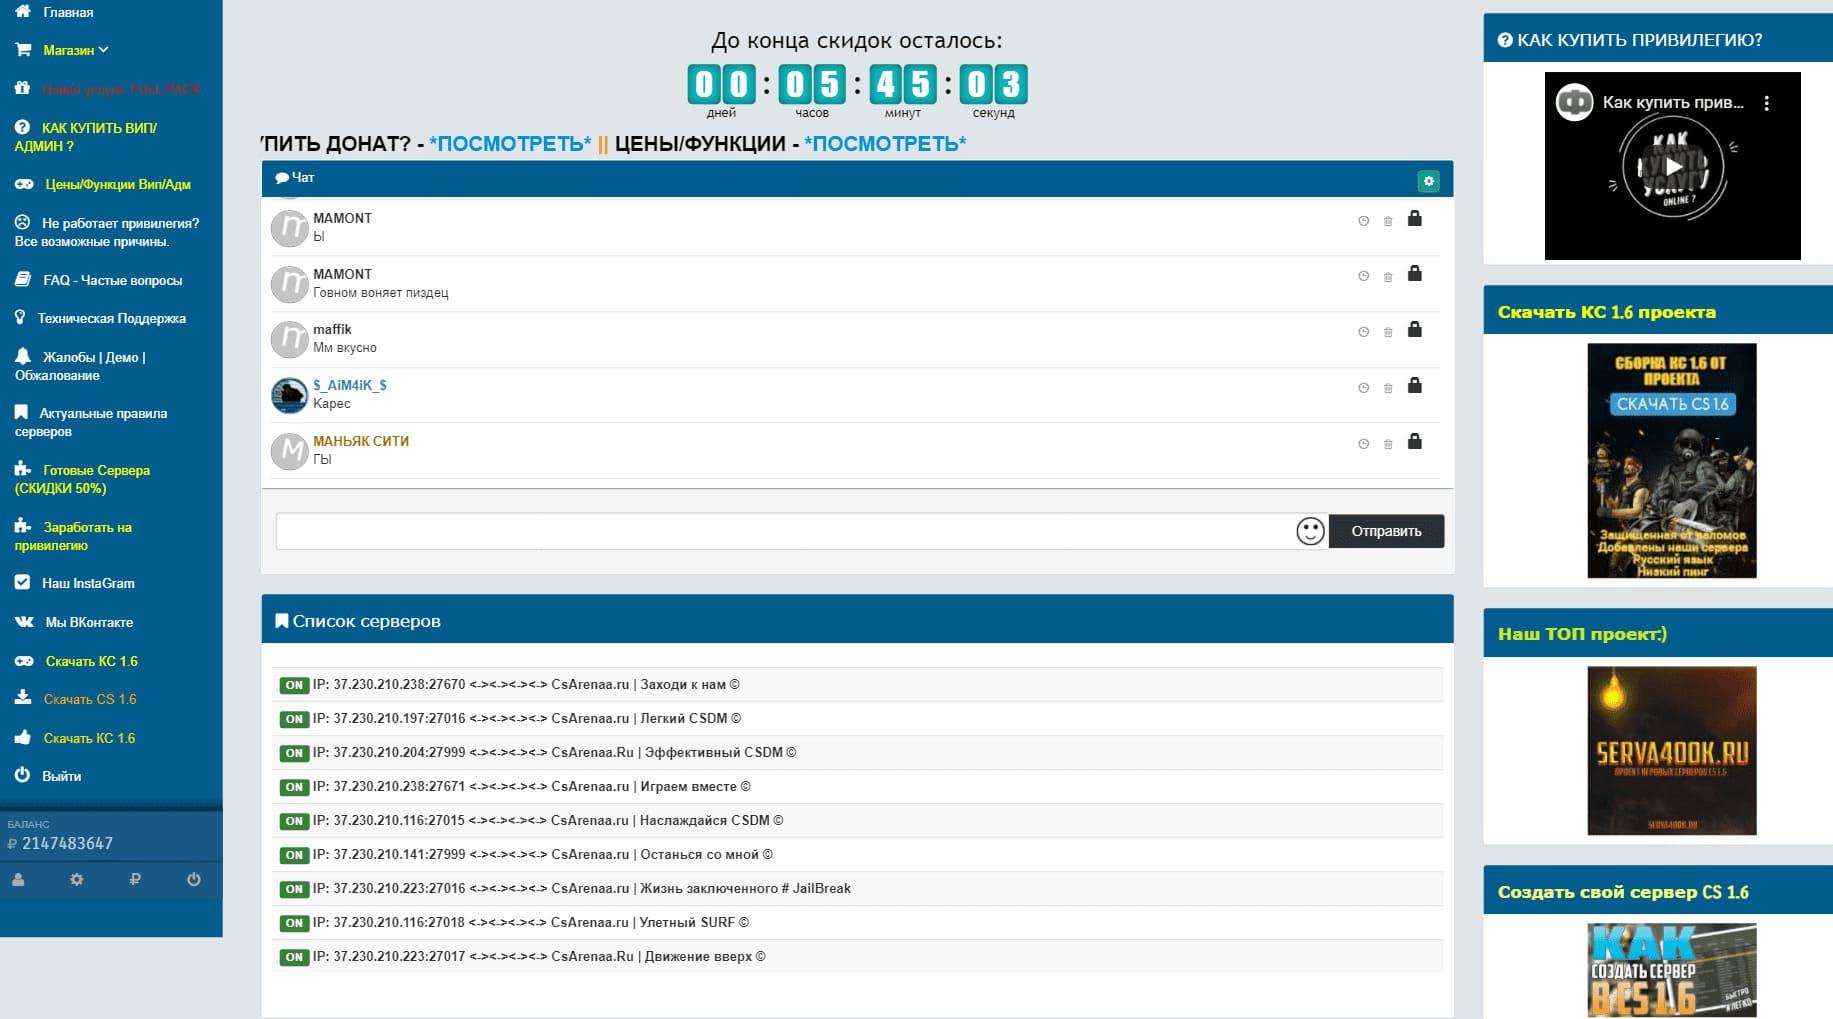 Онлайн продажа привилегий КС 1.6 | Создание сайта и форума CS 1.6